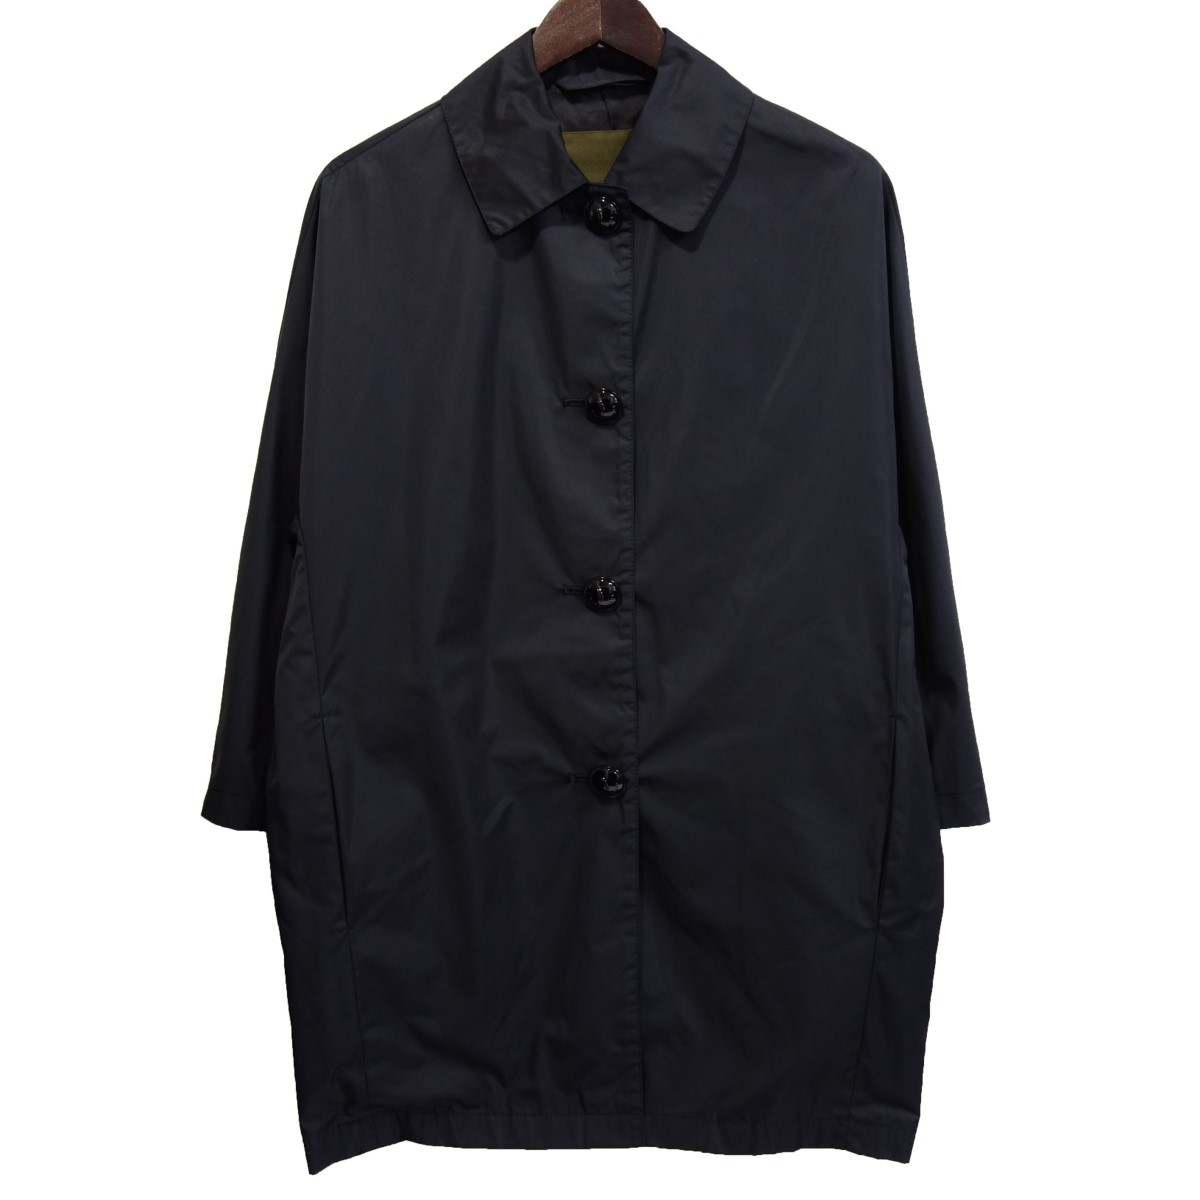 【中古】mackintosh ポリウレタンコーティングステンカラーコート ブラック サイズ:34 【070320】(マッキントッシュ)